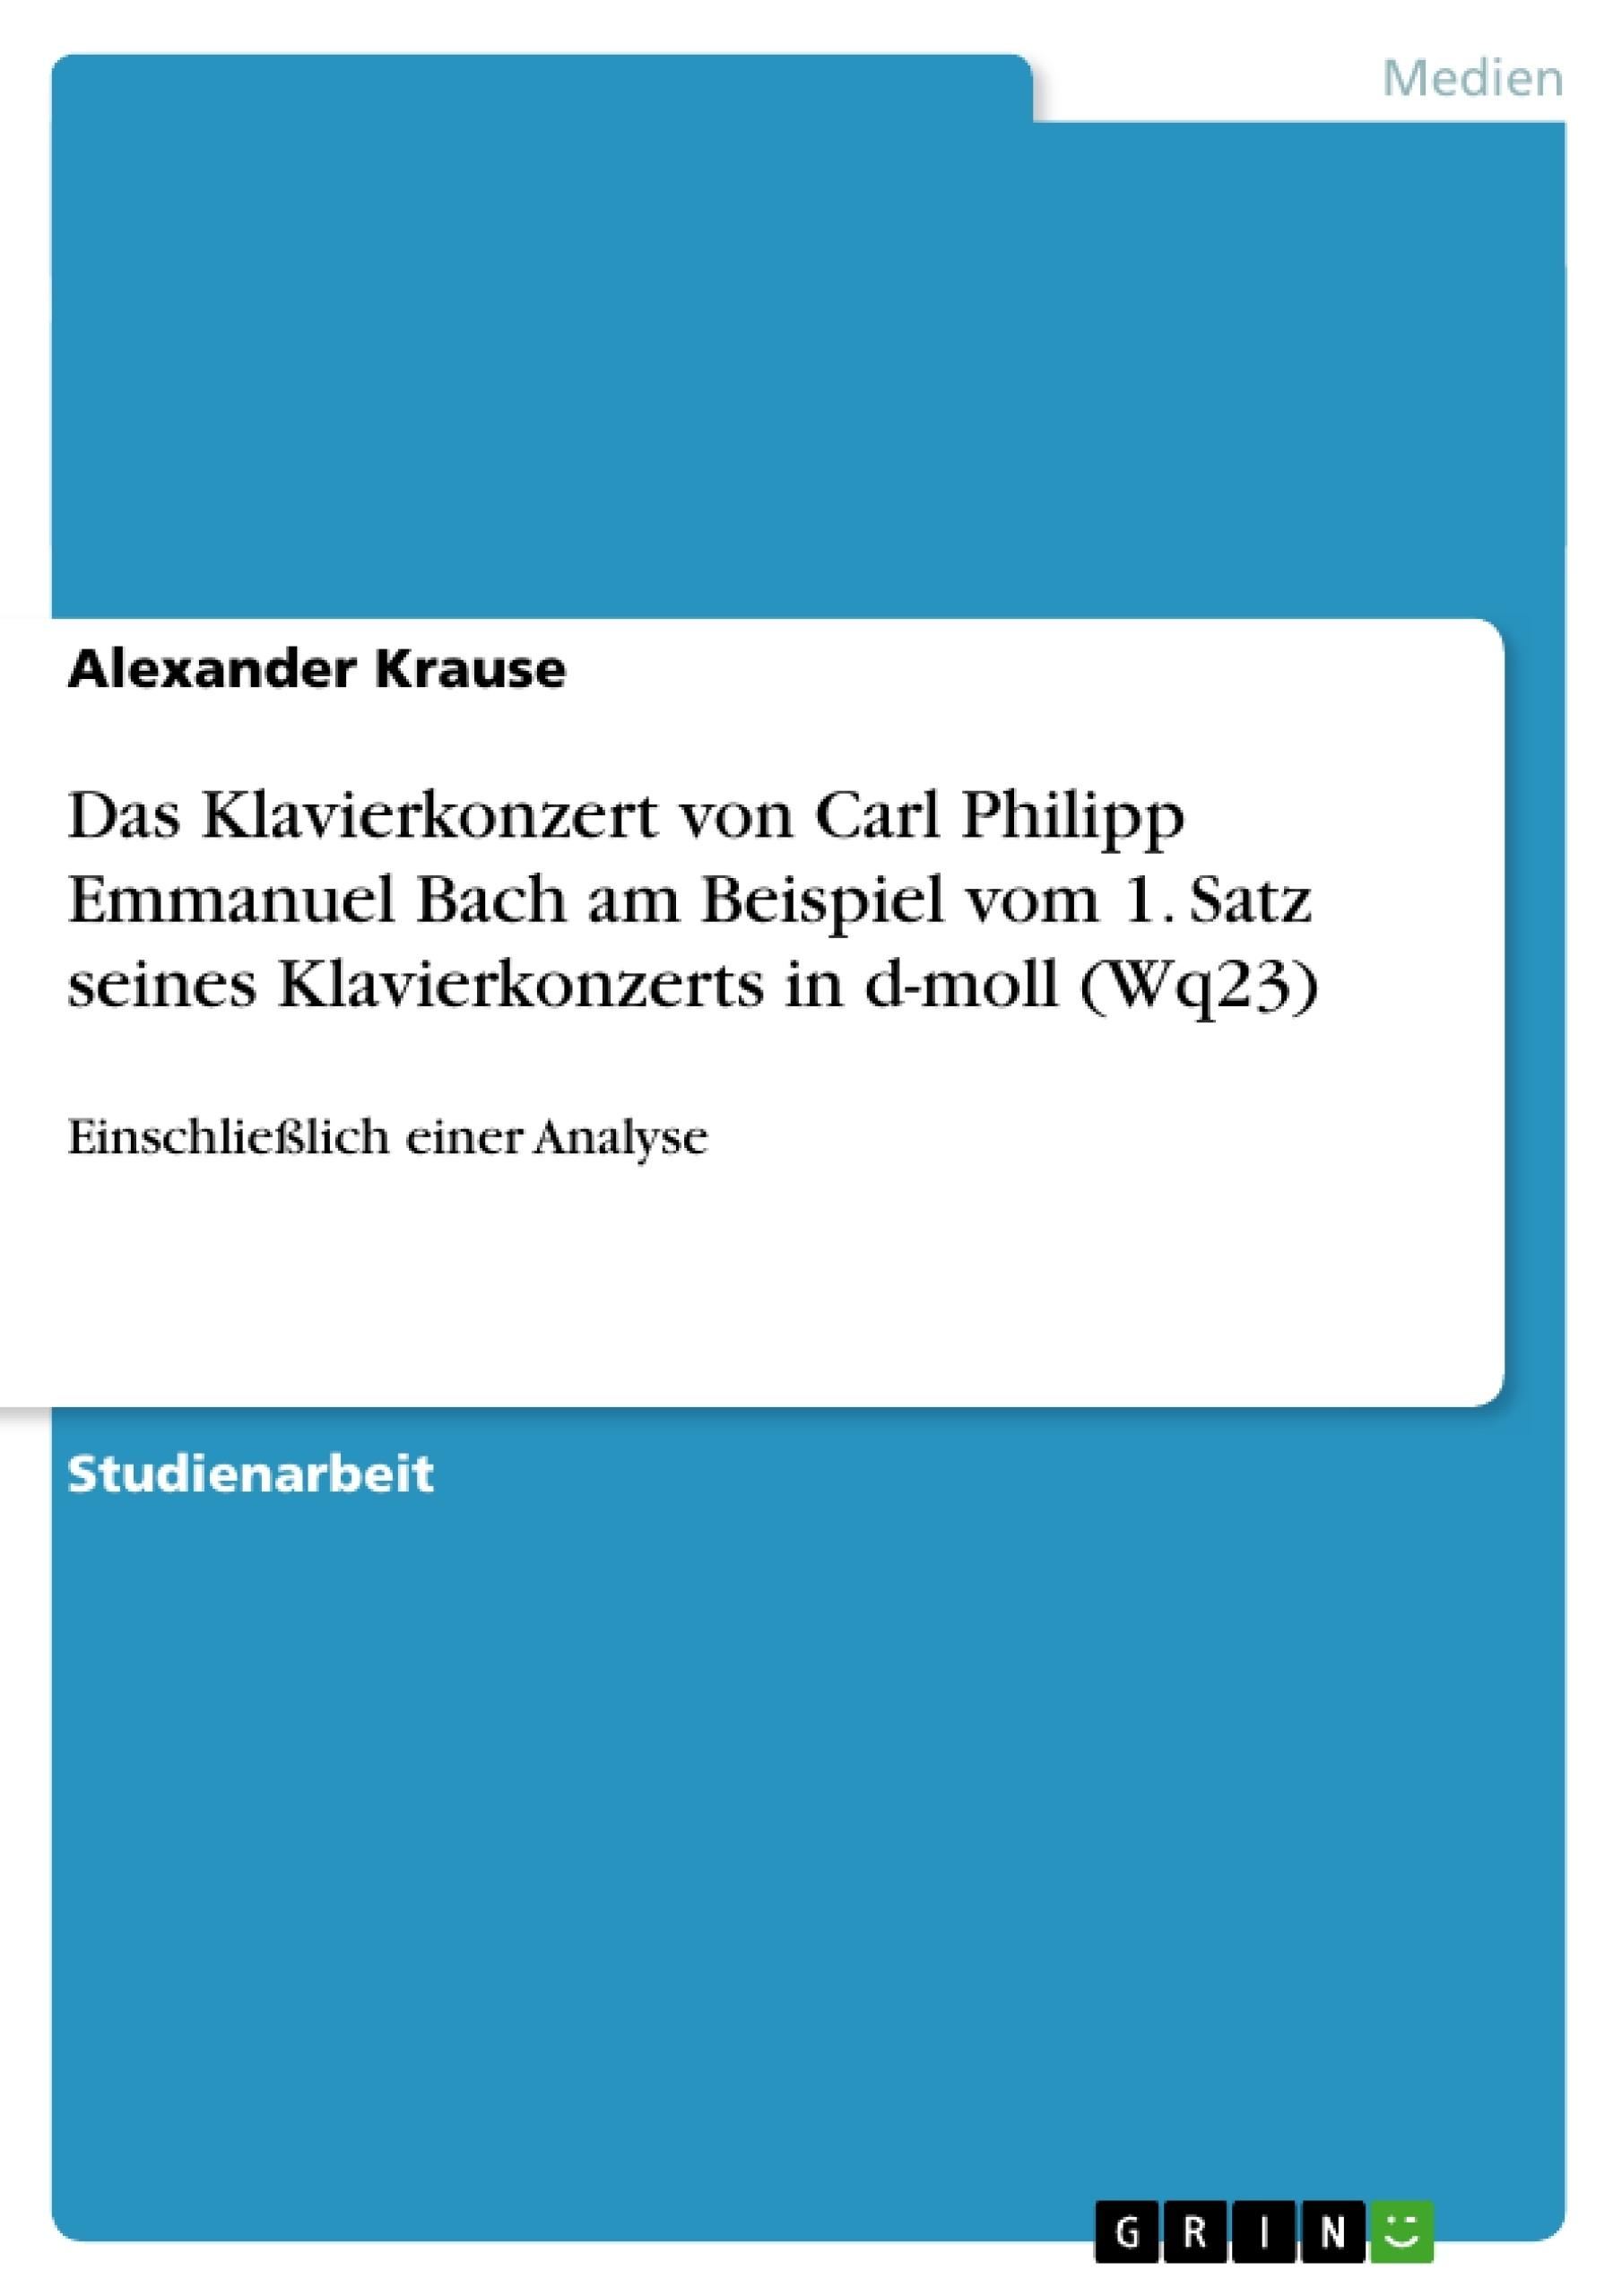 Titel: Das Klavierkonzert von Carl Philipp Emmanuel Bach am Beispiel vom 1. Satz seines Klavierkonzerts in d-moll (Wq23)